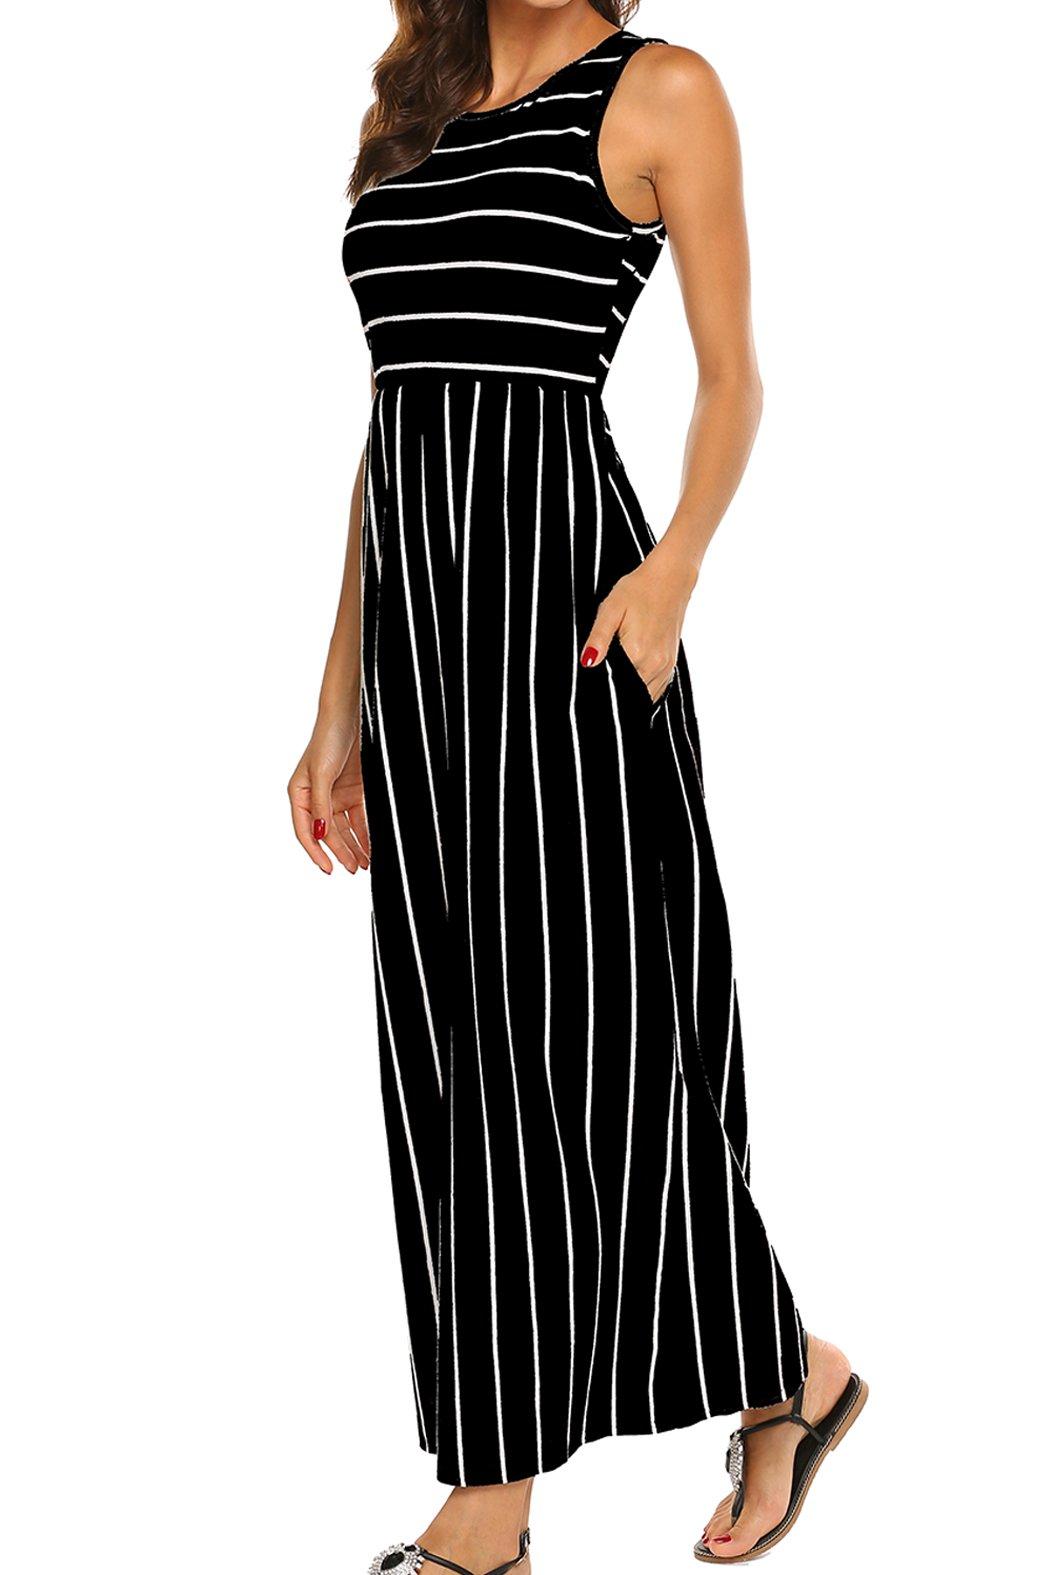 Hount Summer Striped Maxi Dresses for Women Sleeveless Modest Sundresses Plus Size (Black, Medium)